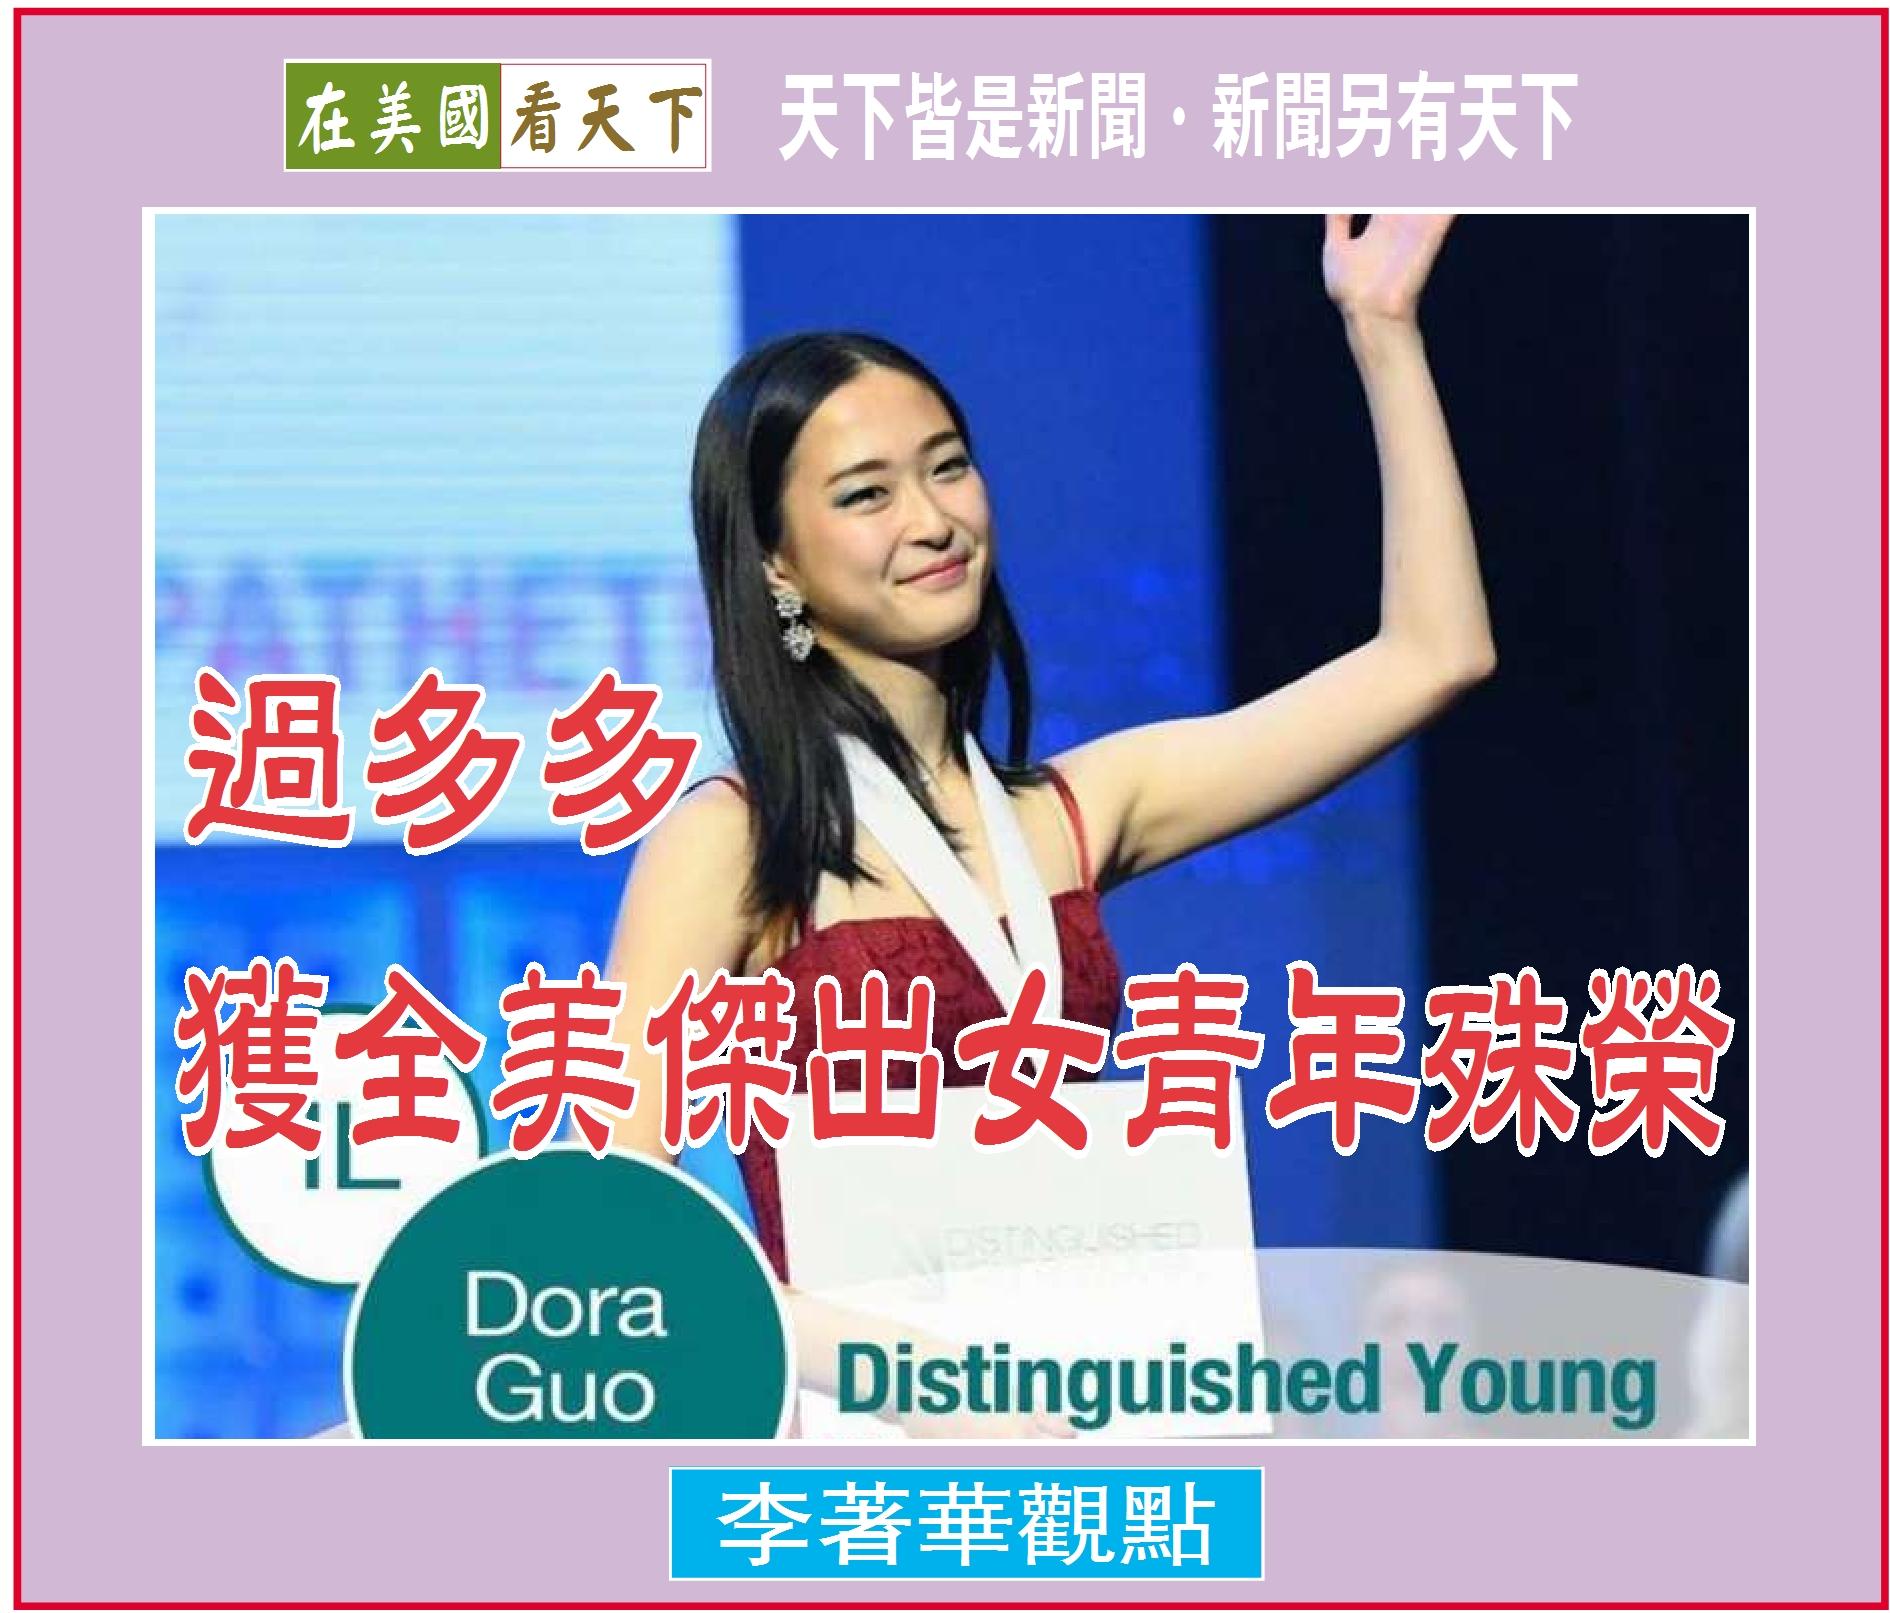 071119-過多多獲全美傑出女青年殊榮-1.jpg